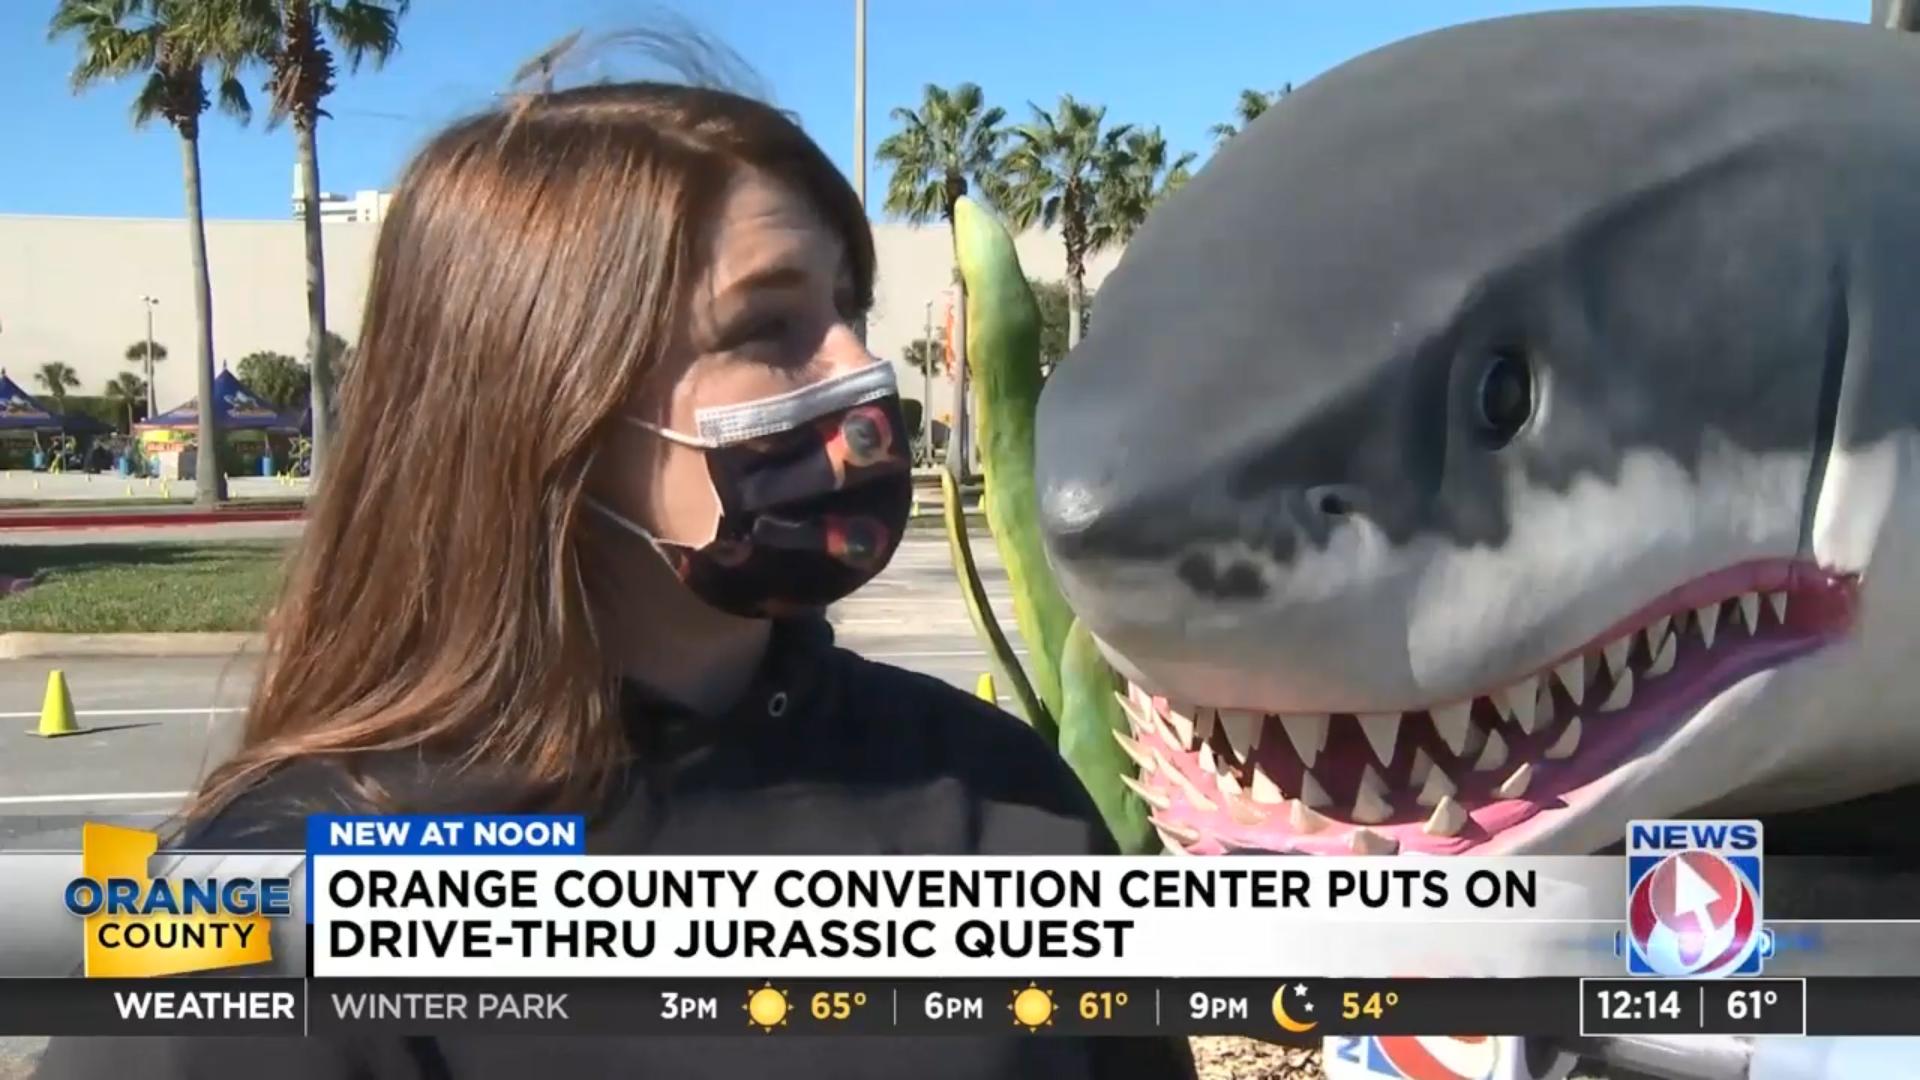 News 6 | Jurassic Quest